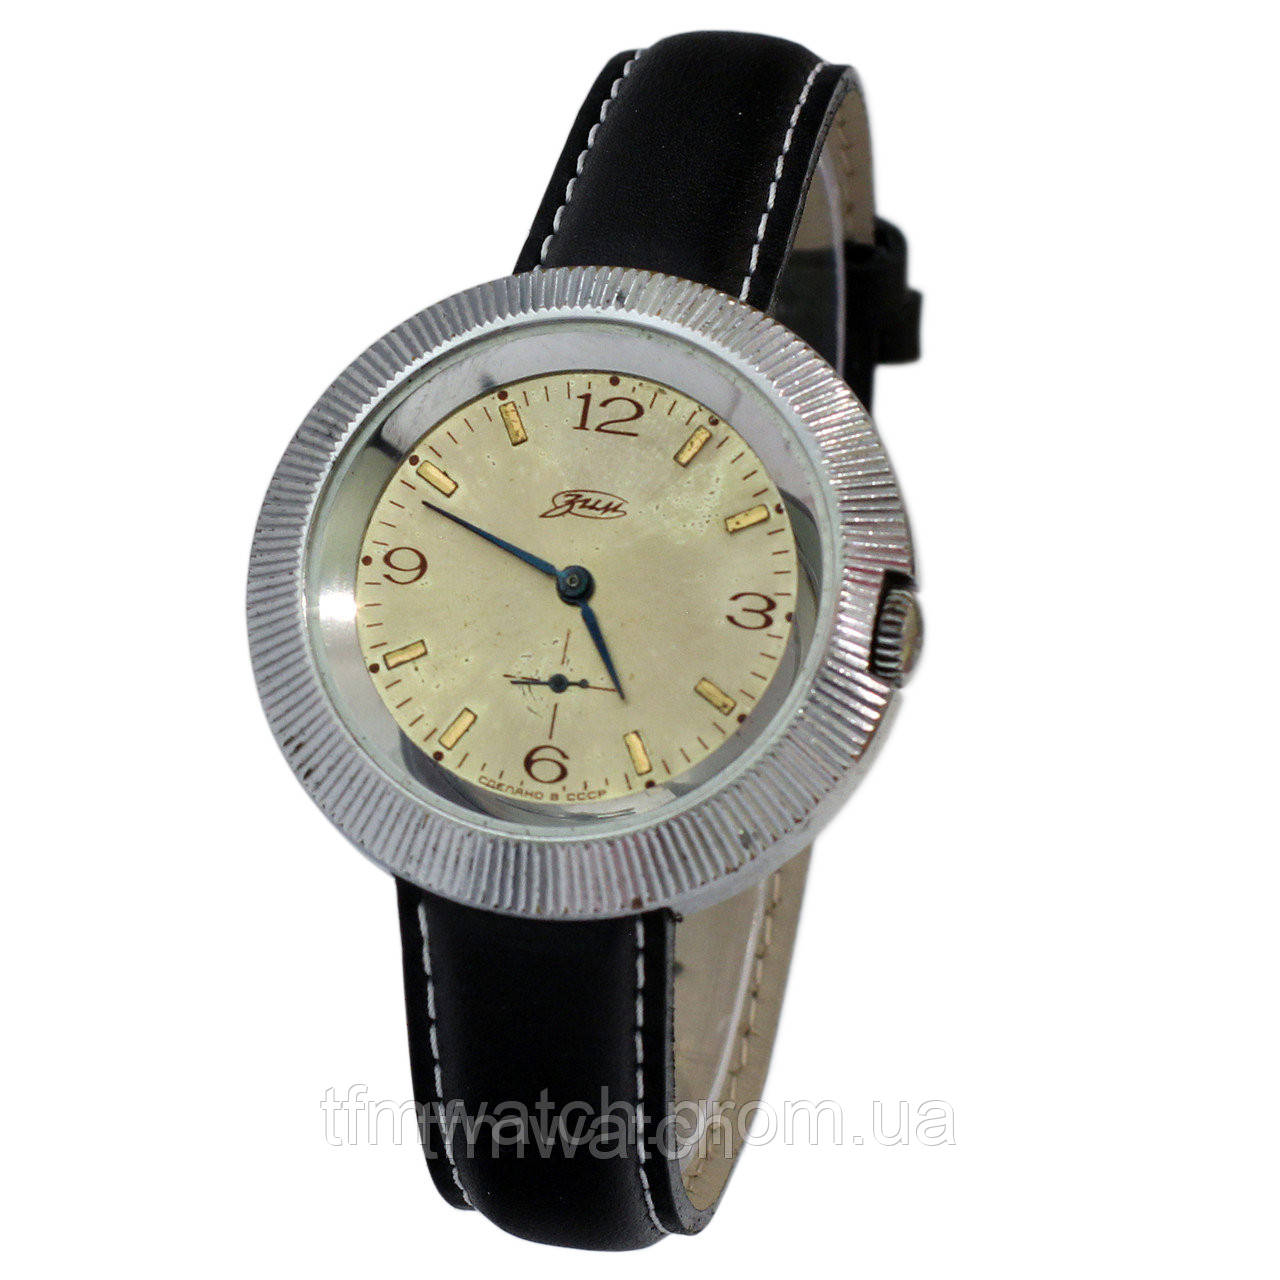 Продать зим часы сауны стоимость часа как рассчитать